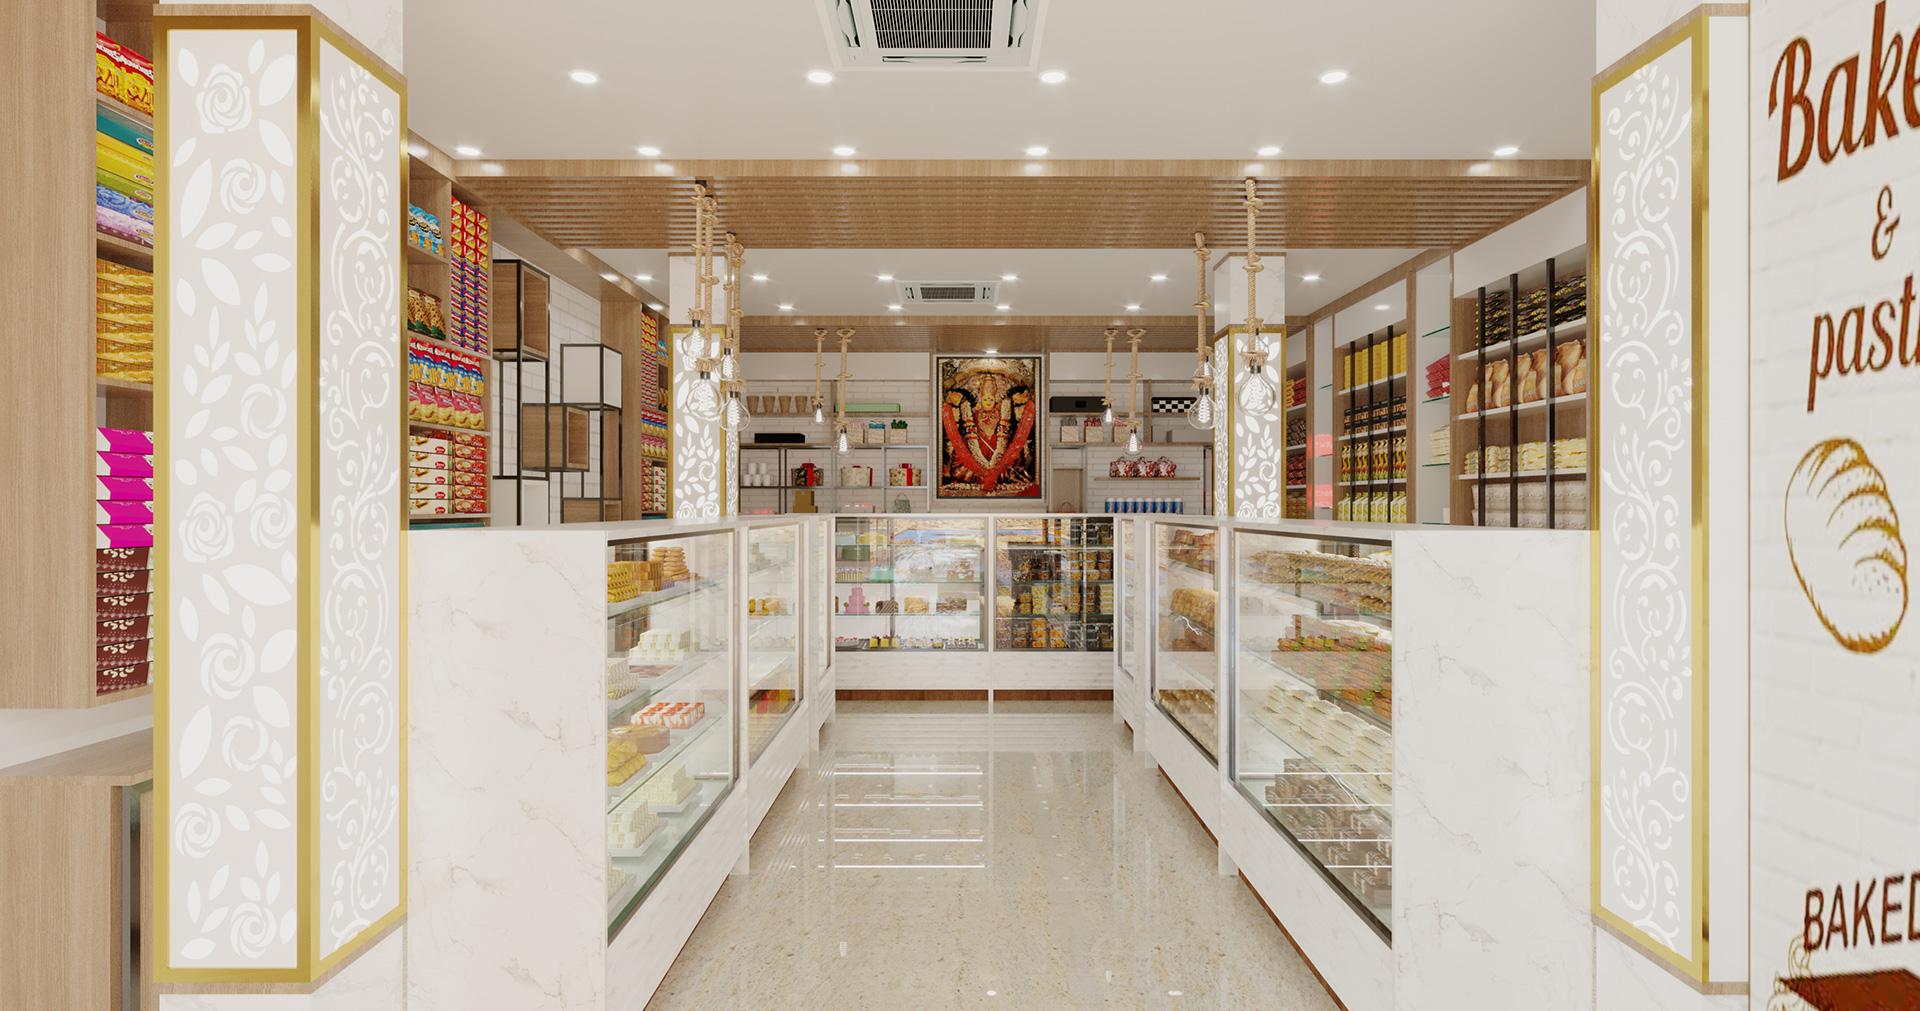 Sweets & Bakery - TriShades - Interior